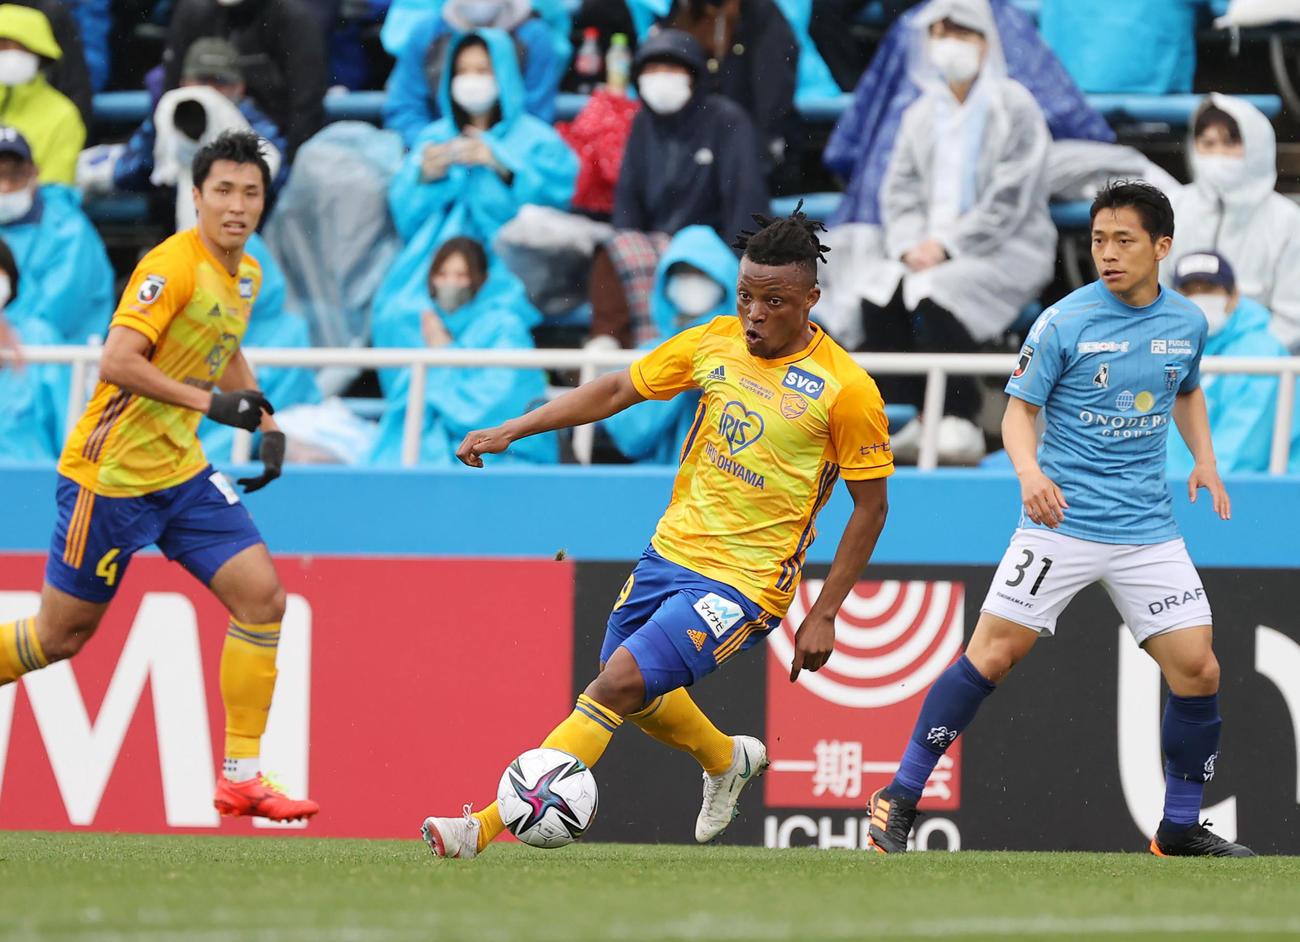 横浜FC対仙台 後半、ドリブルで攻めこむ仙台オッティ(中央)(撮影・垰建太)